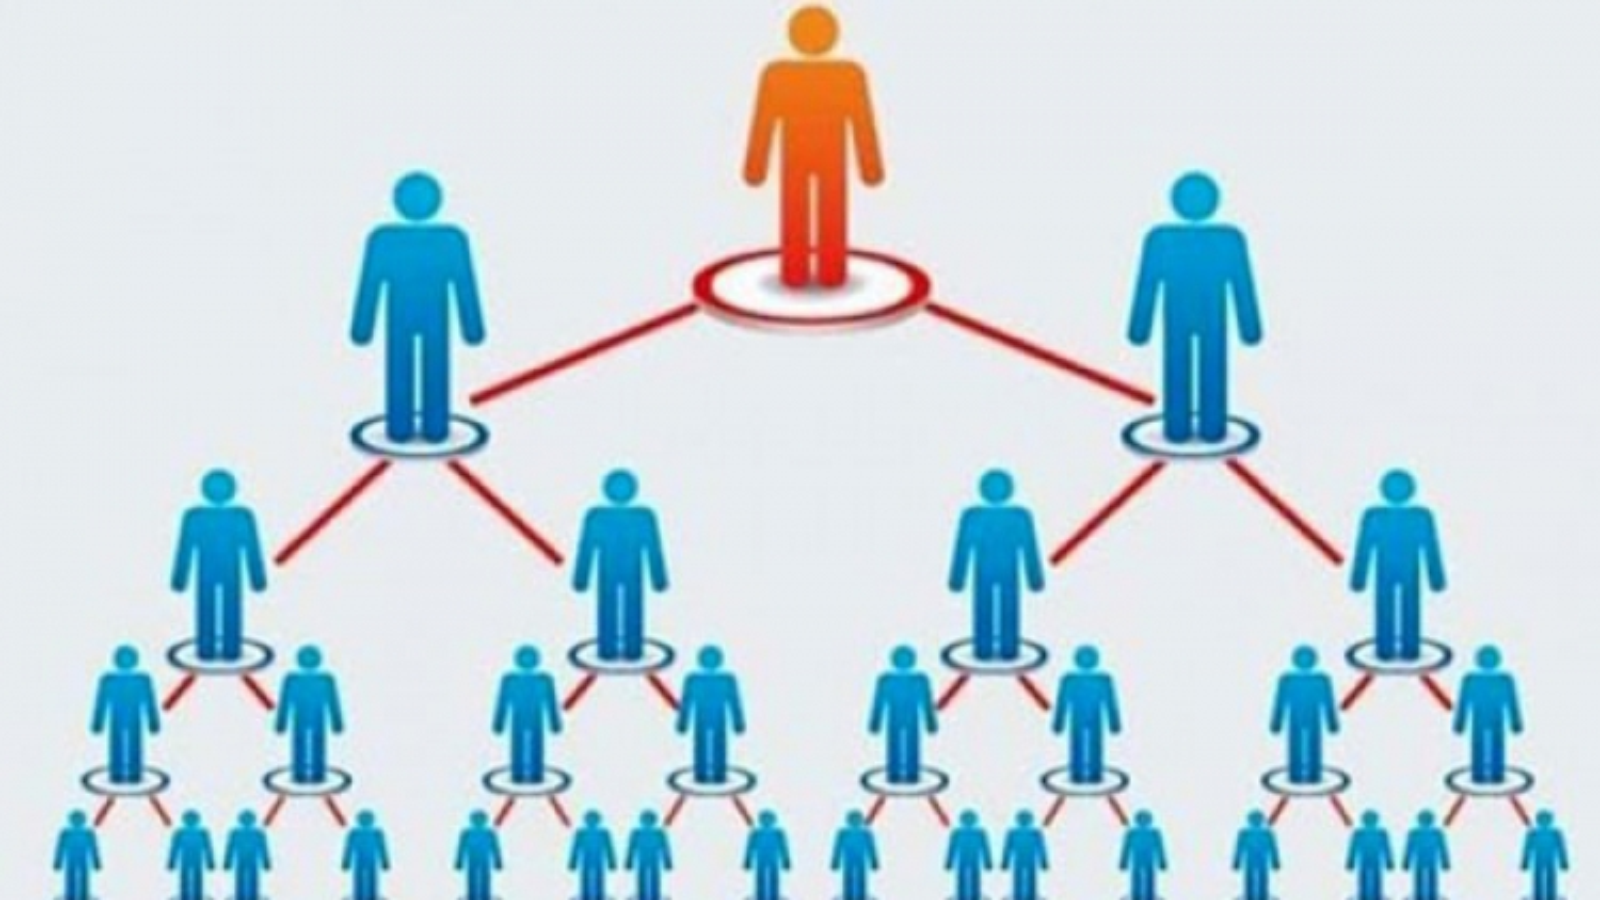 Chỉ có 22 doanh nghiệp có giấy chứng nhận đăng ký hoạt động bán hàng đa cấp